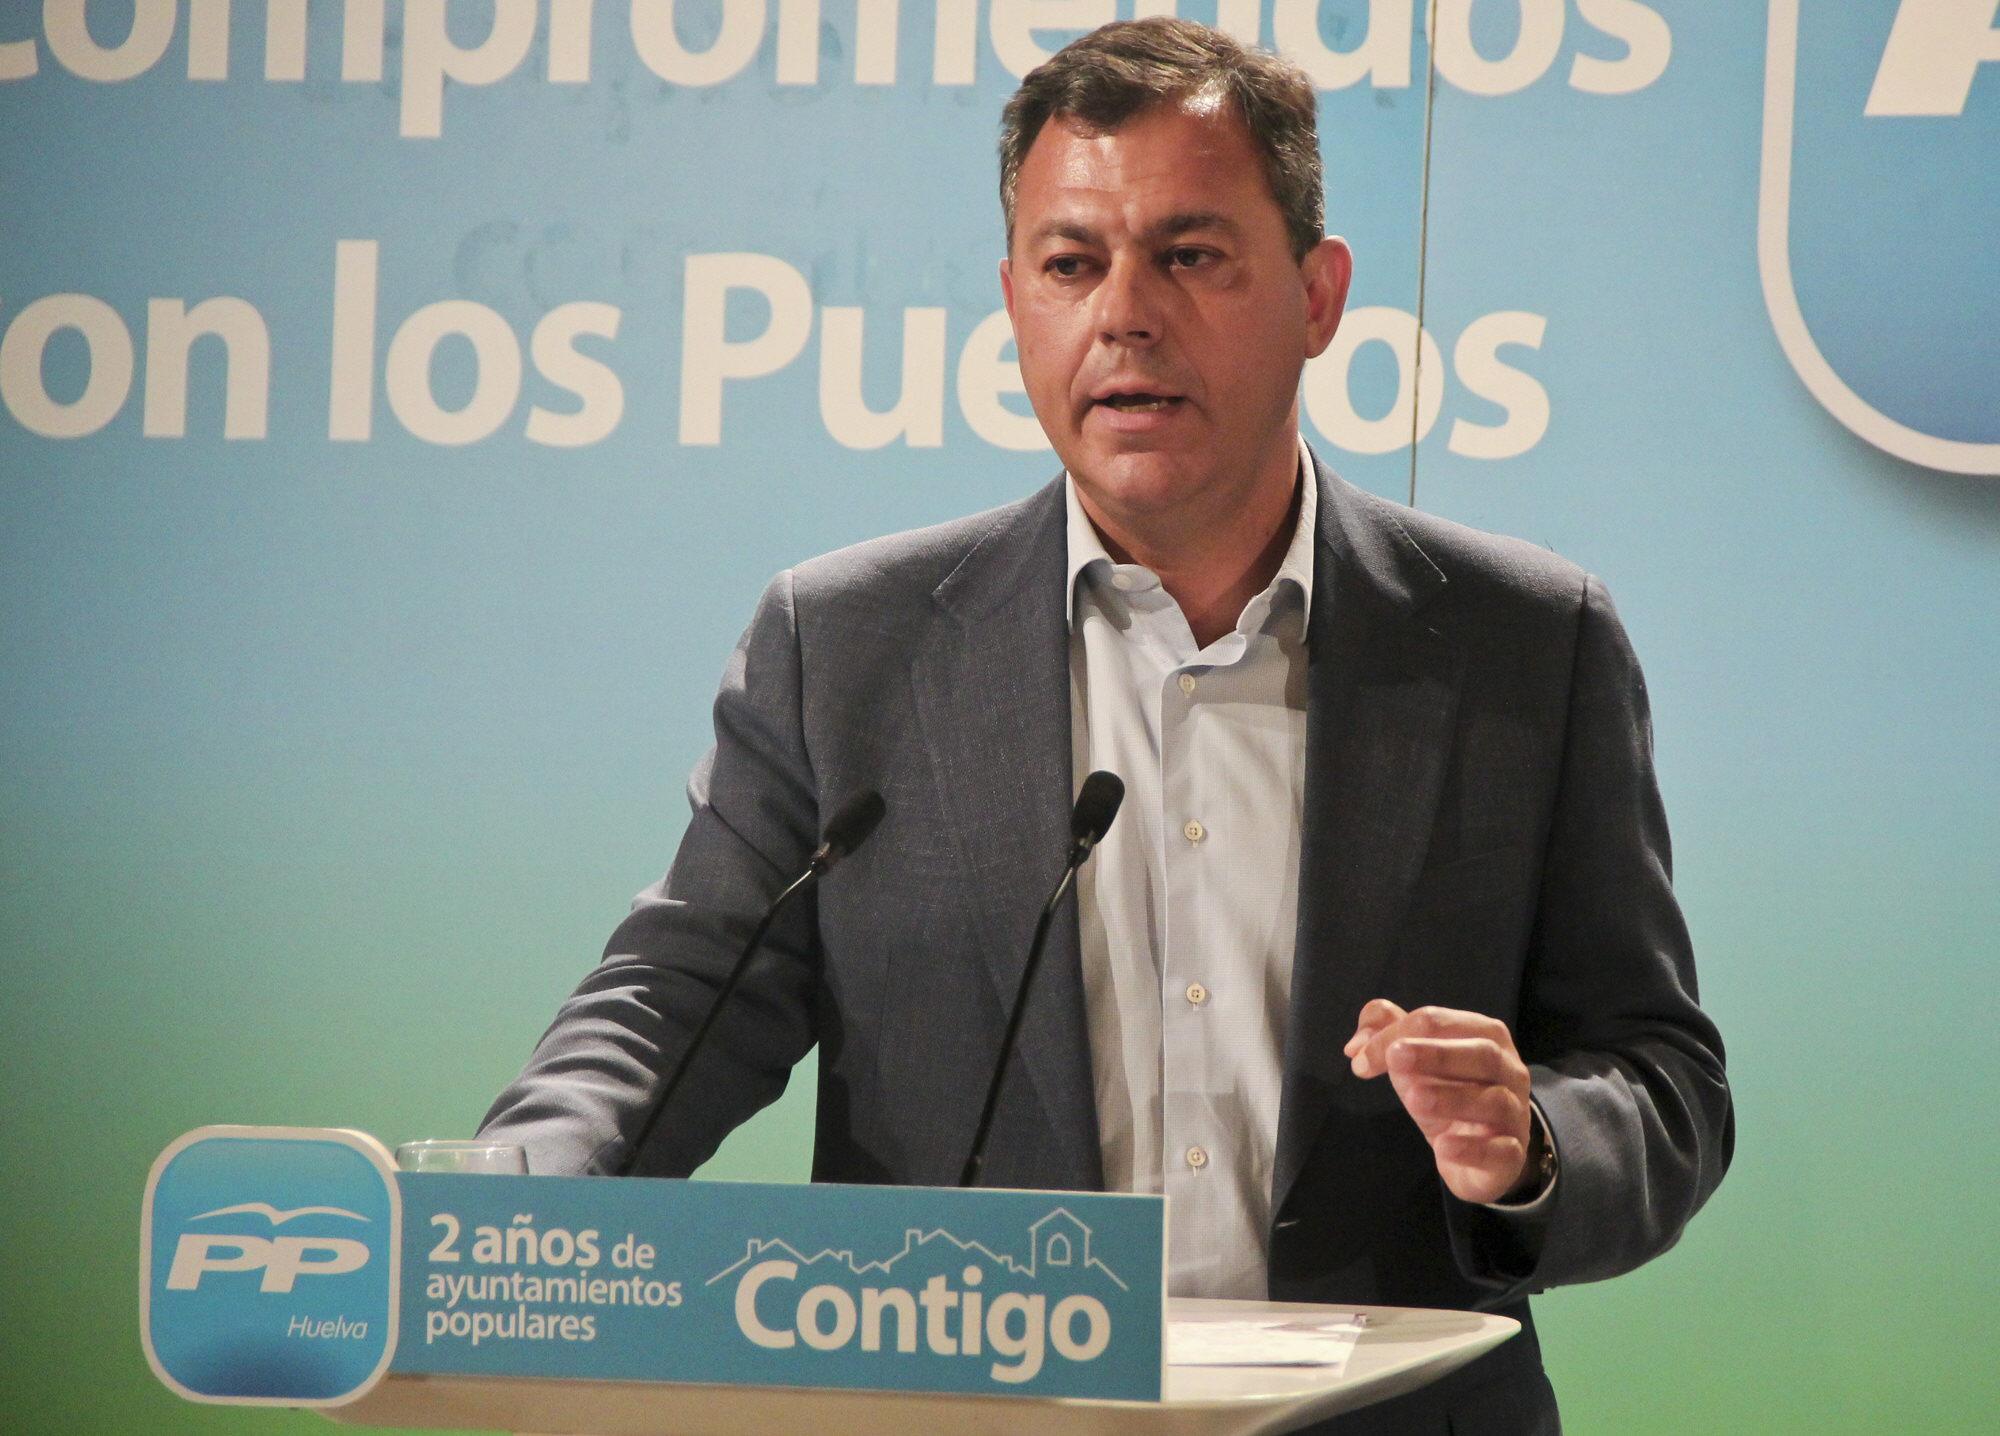 El PP advierte que con la «espantá» de Griñán no acaba la responsabilidad política de los ERE